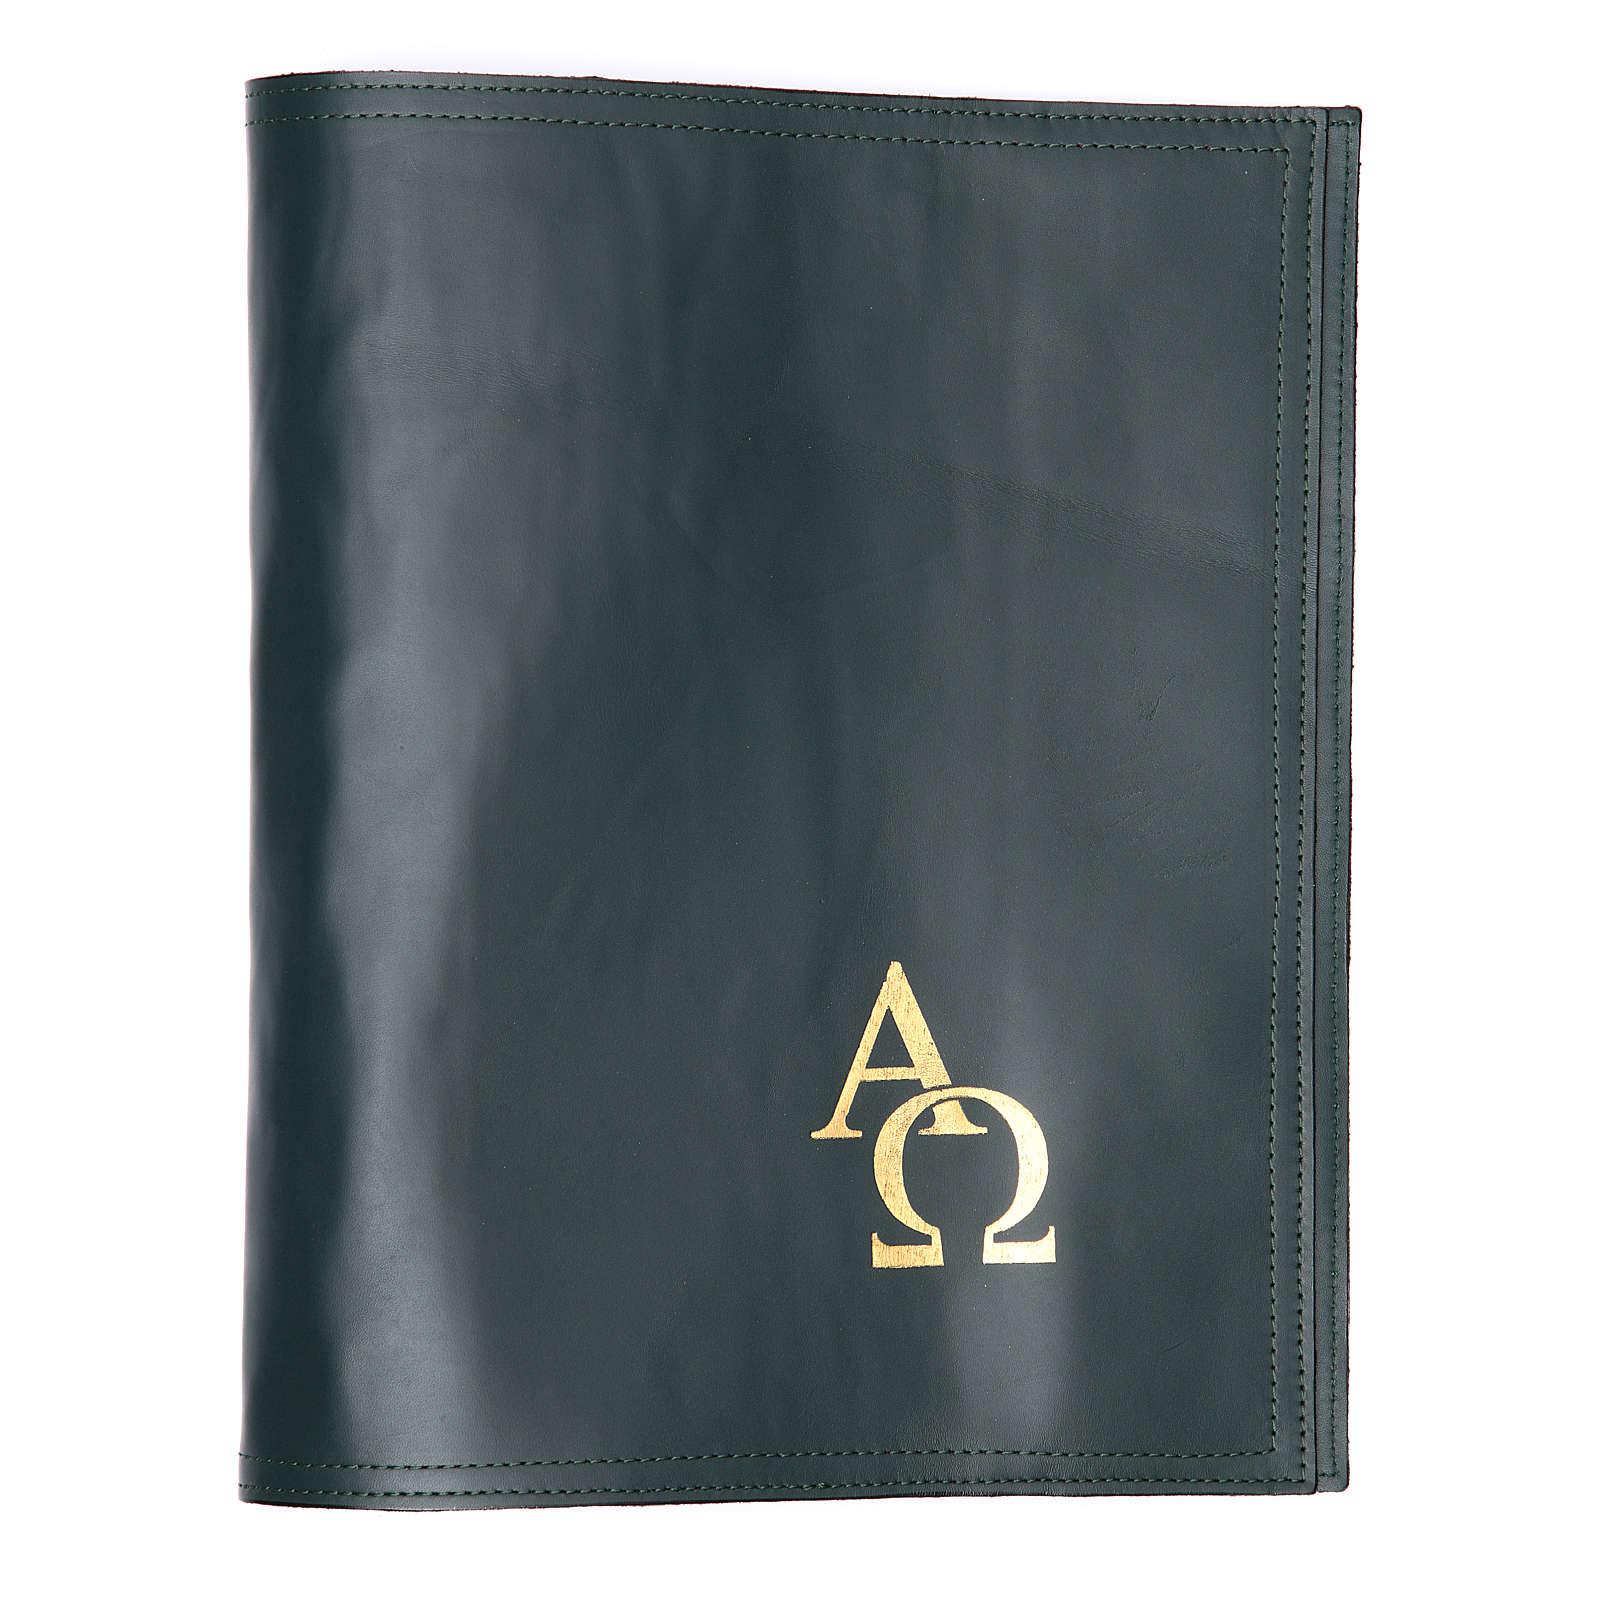 Capa para Lecionário em Couro Verde Oscuro com Monograma dourado IHS 4